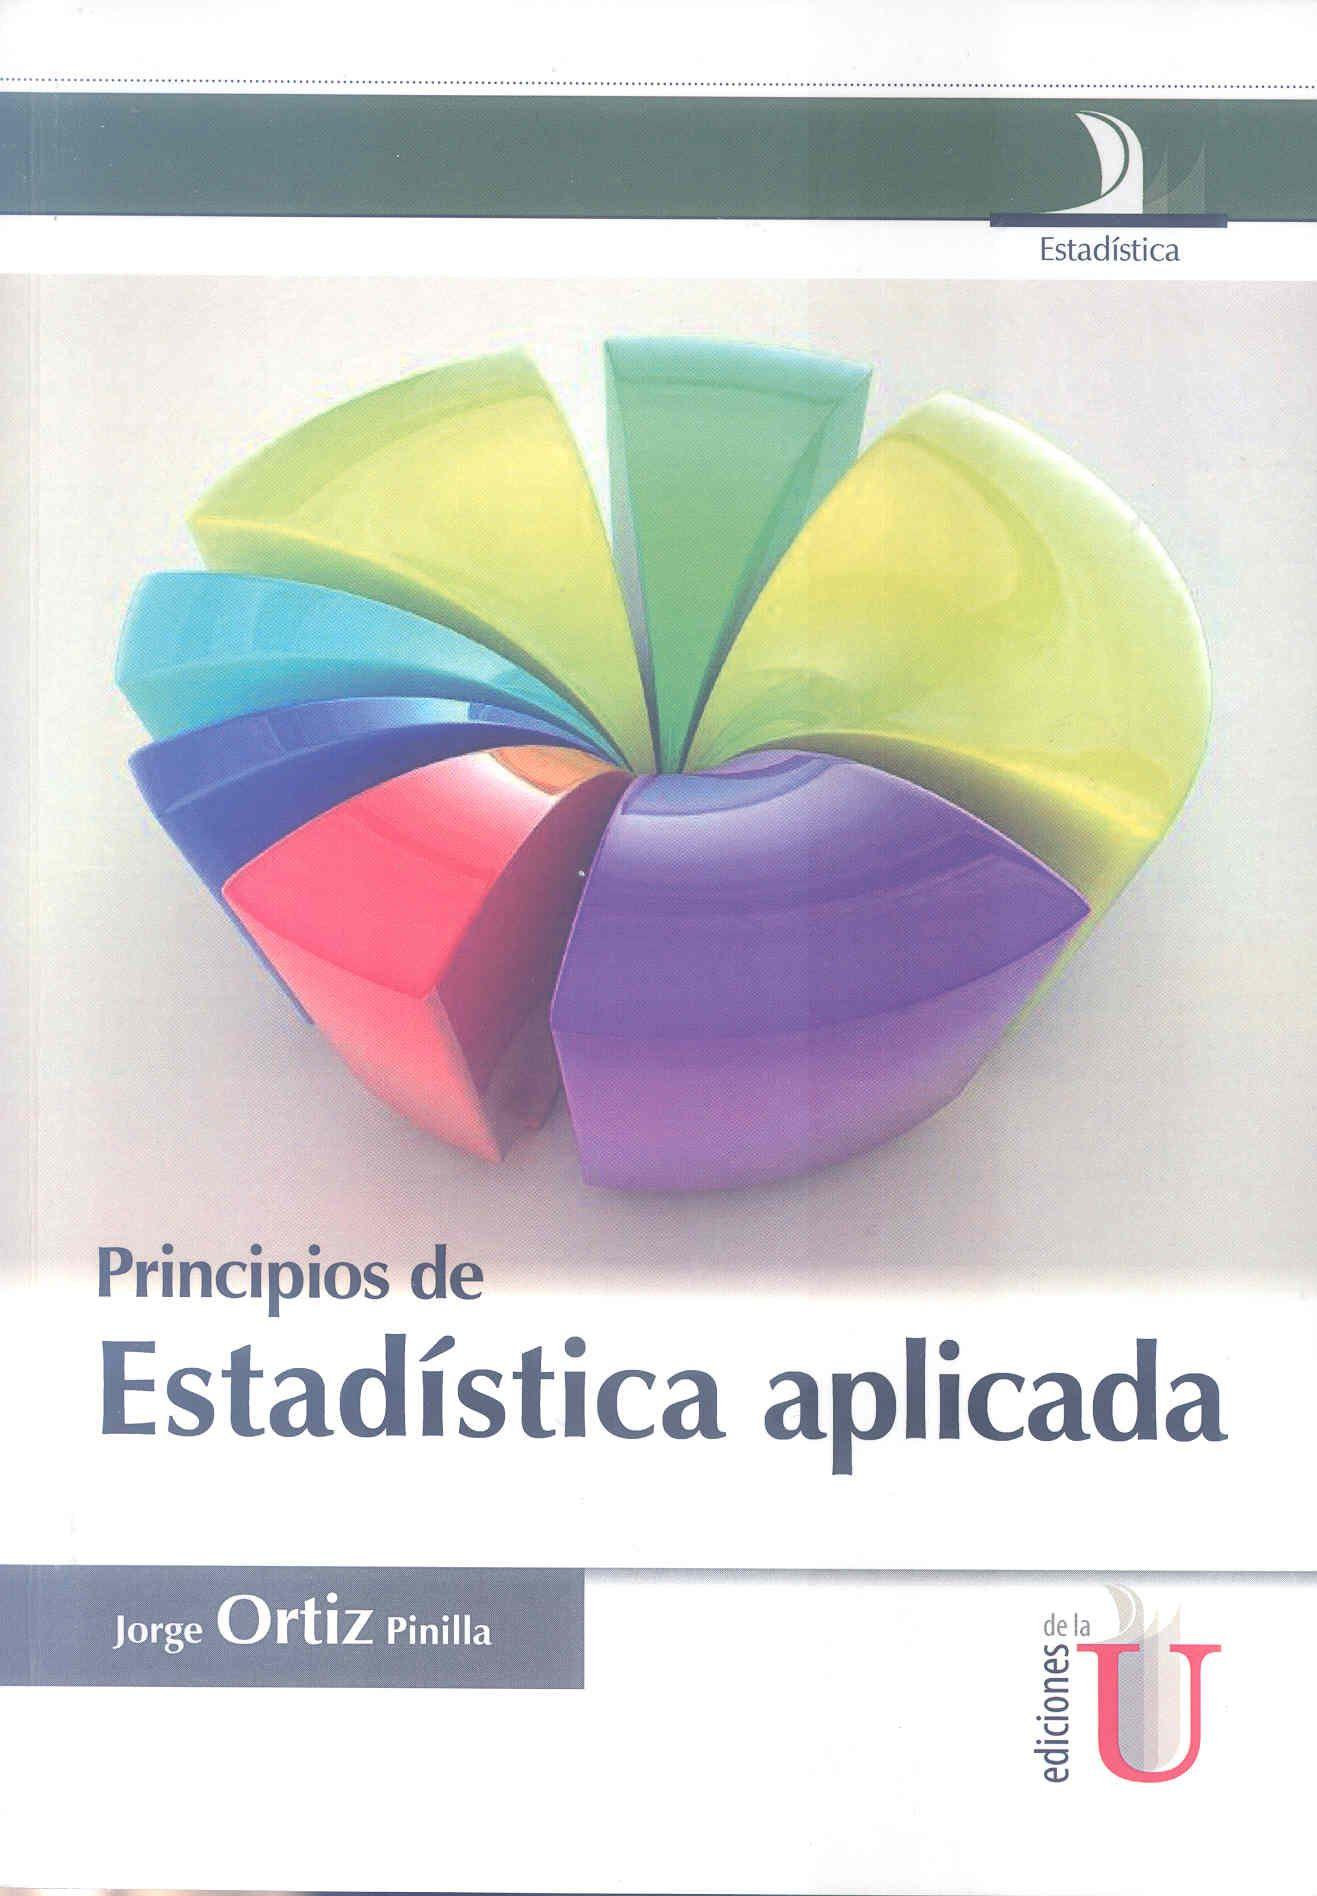 ESTADÍSTICA (Bogotá Ediciones de la U, 2013)